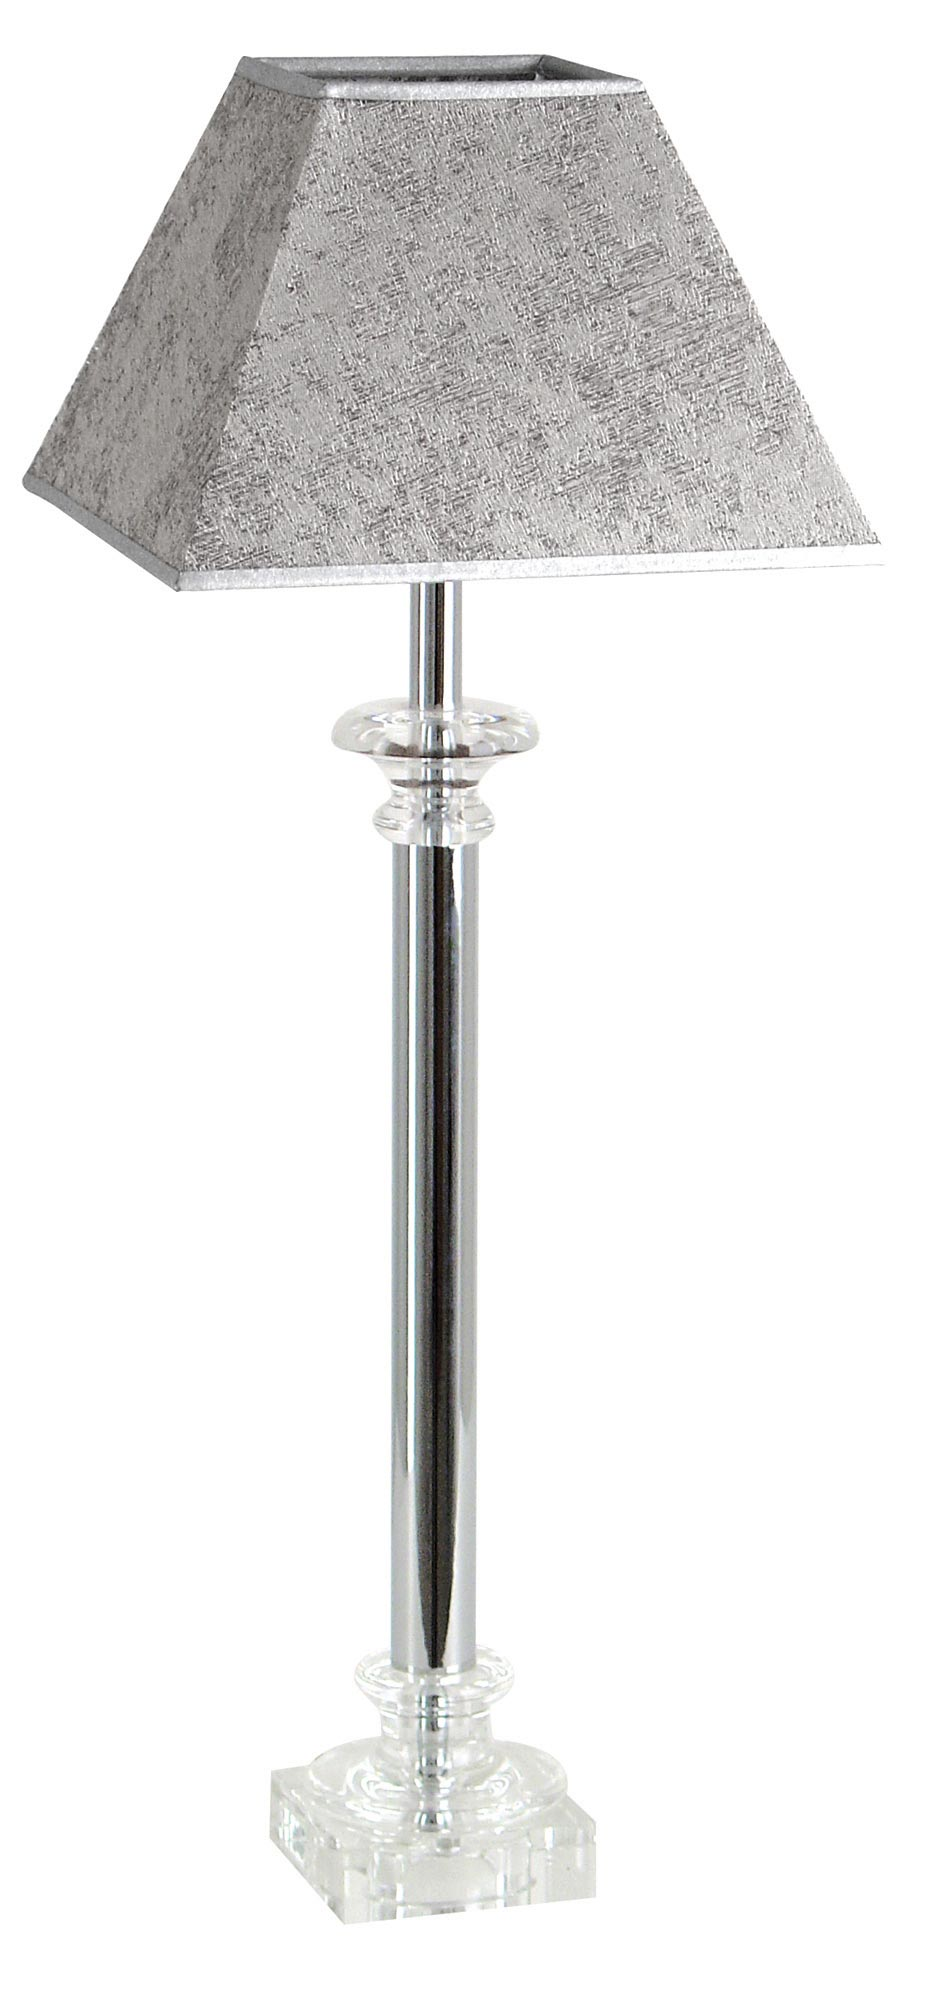 Lampe chromé en verre optique et abat-jour moiré gris Buci  . Le Dauphin.